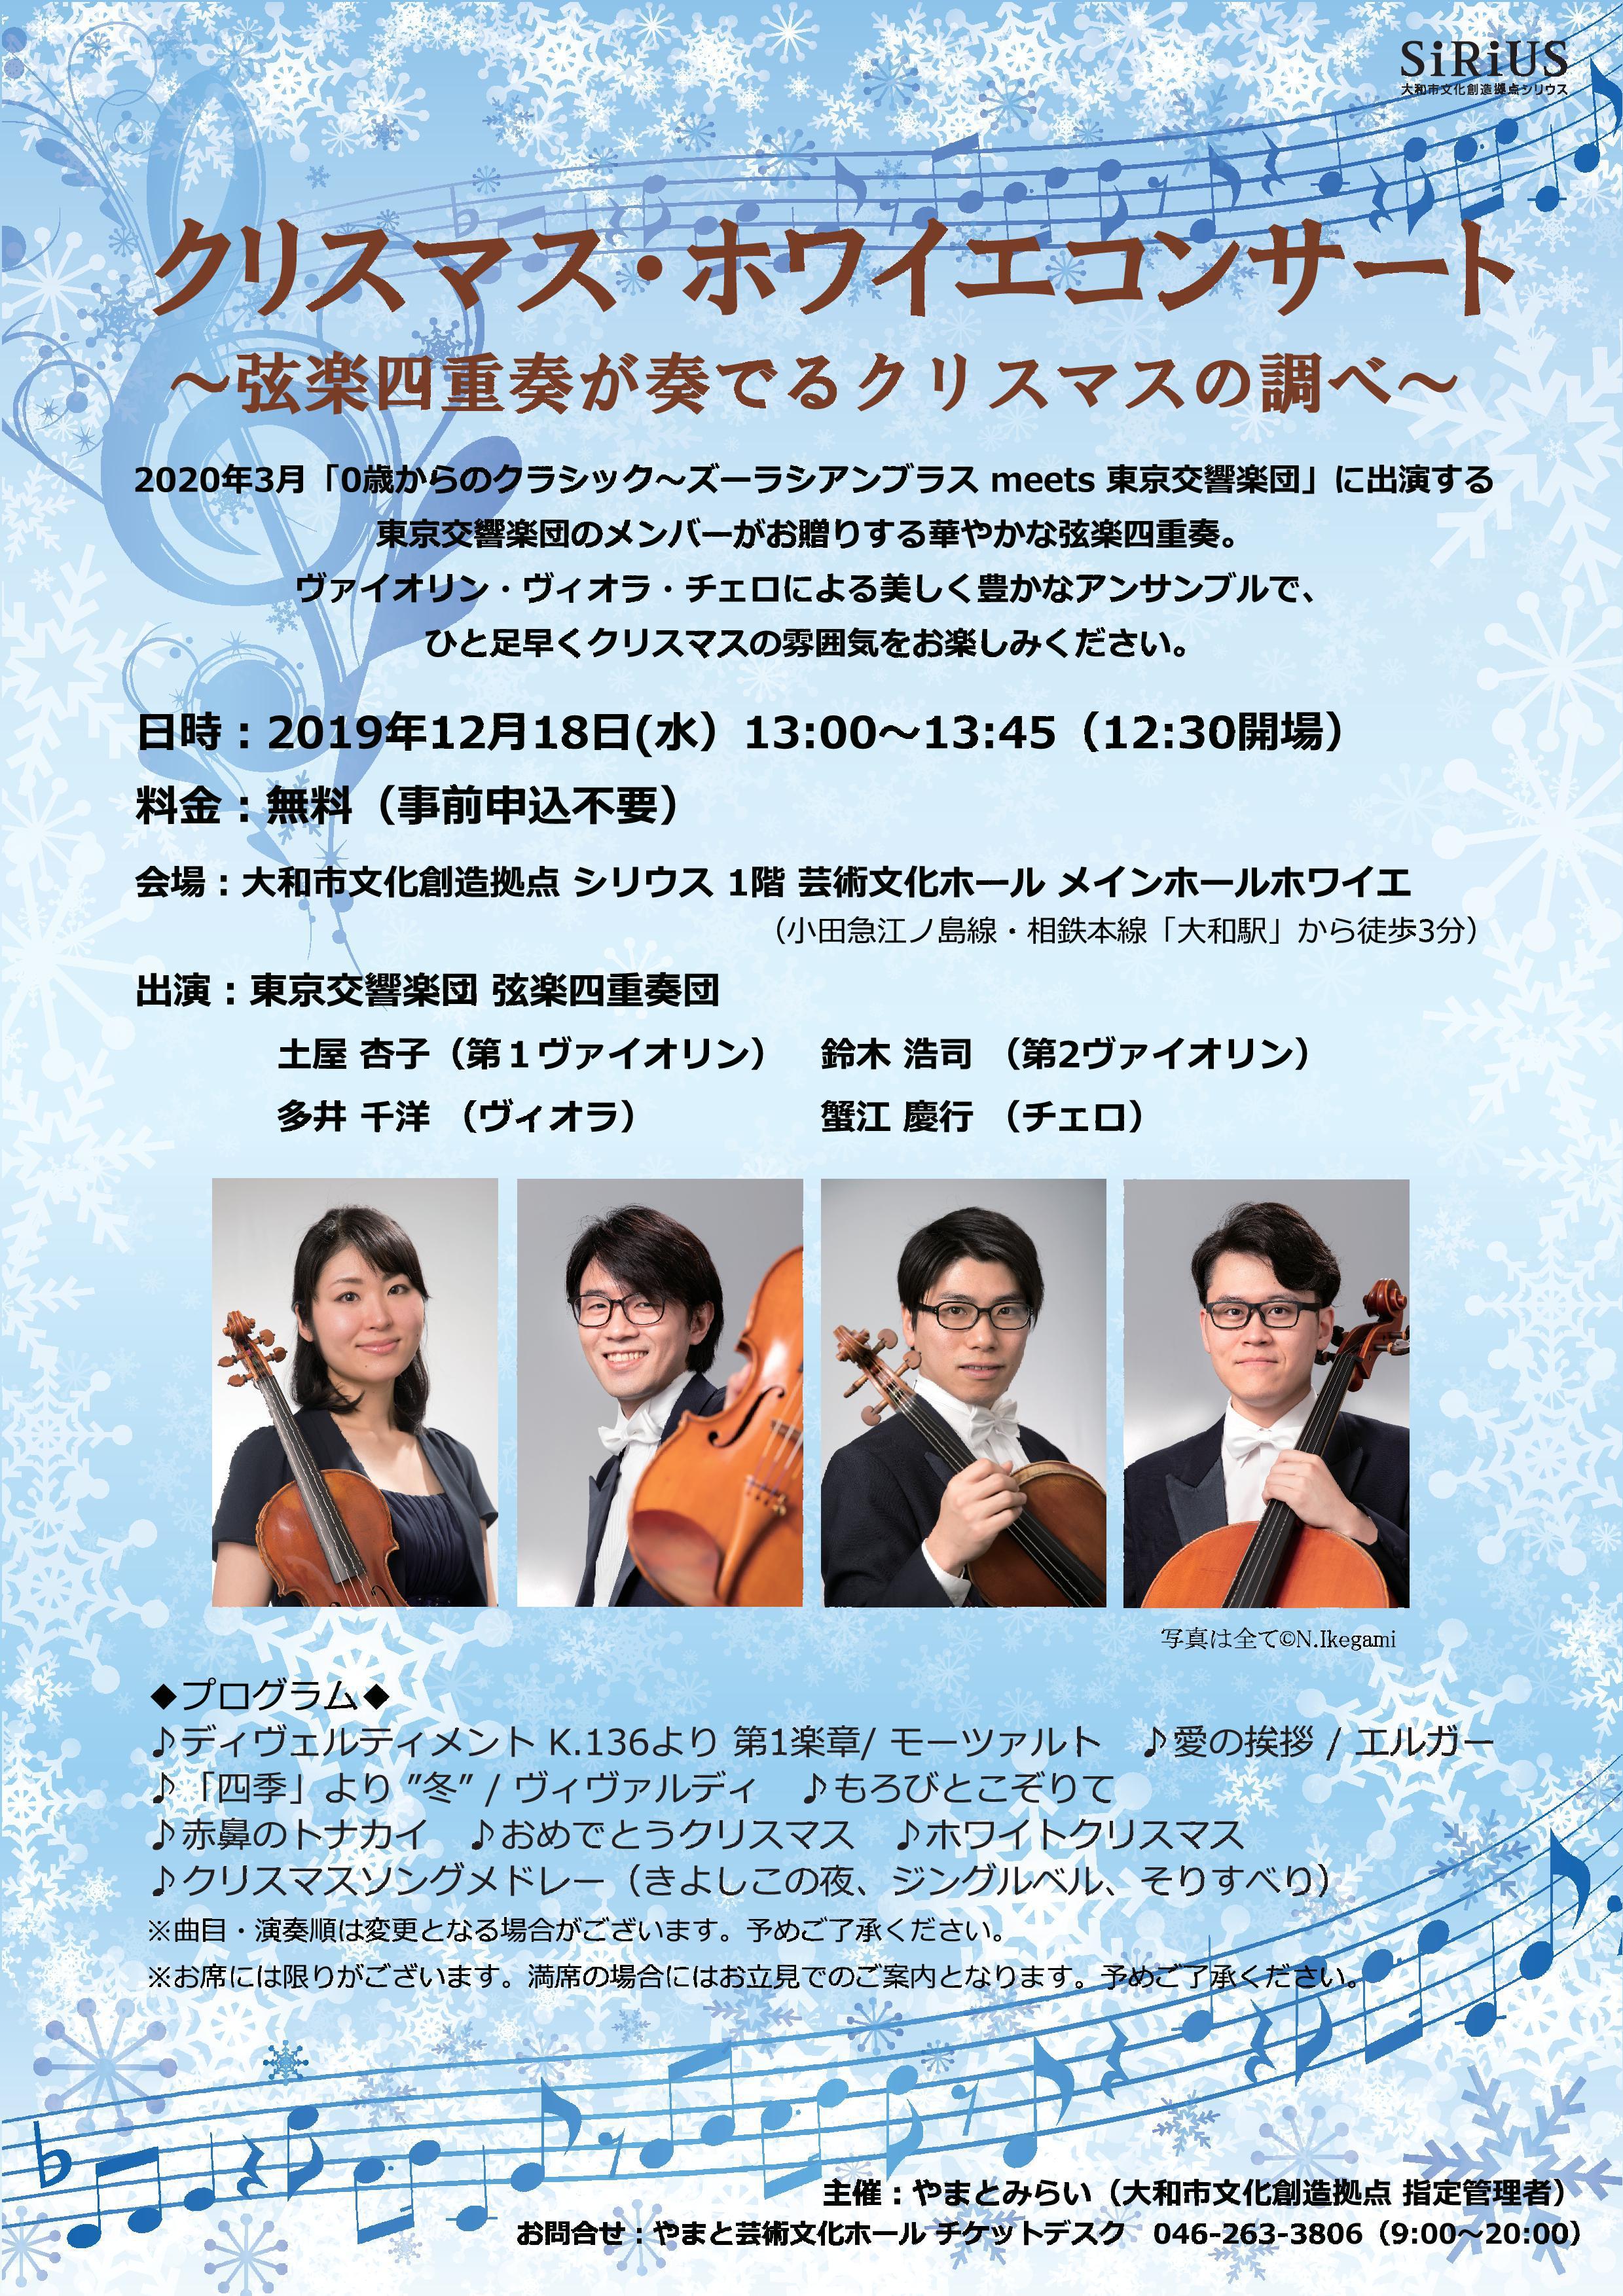 クリスマス・ホワイエコンサート